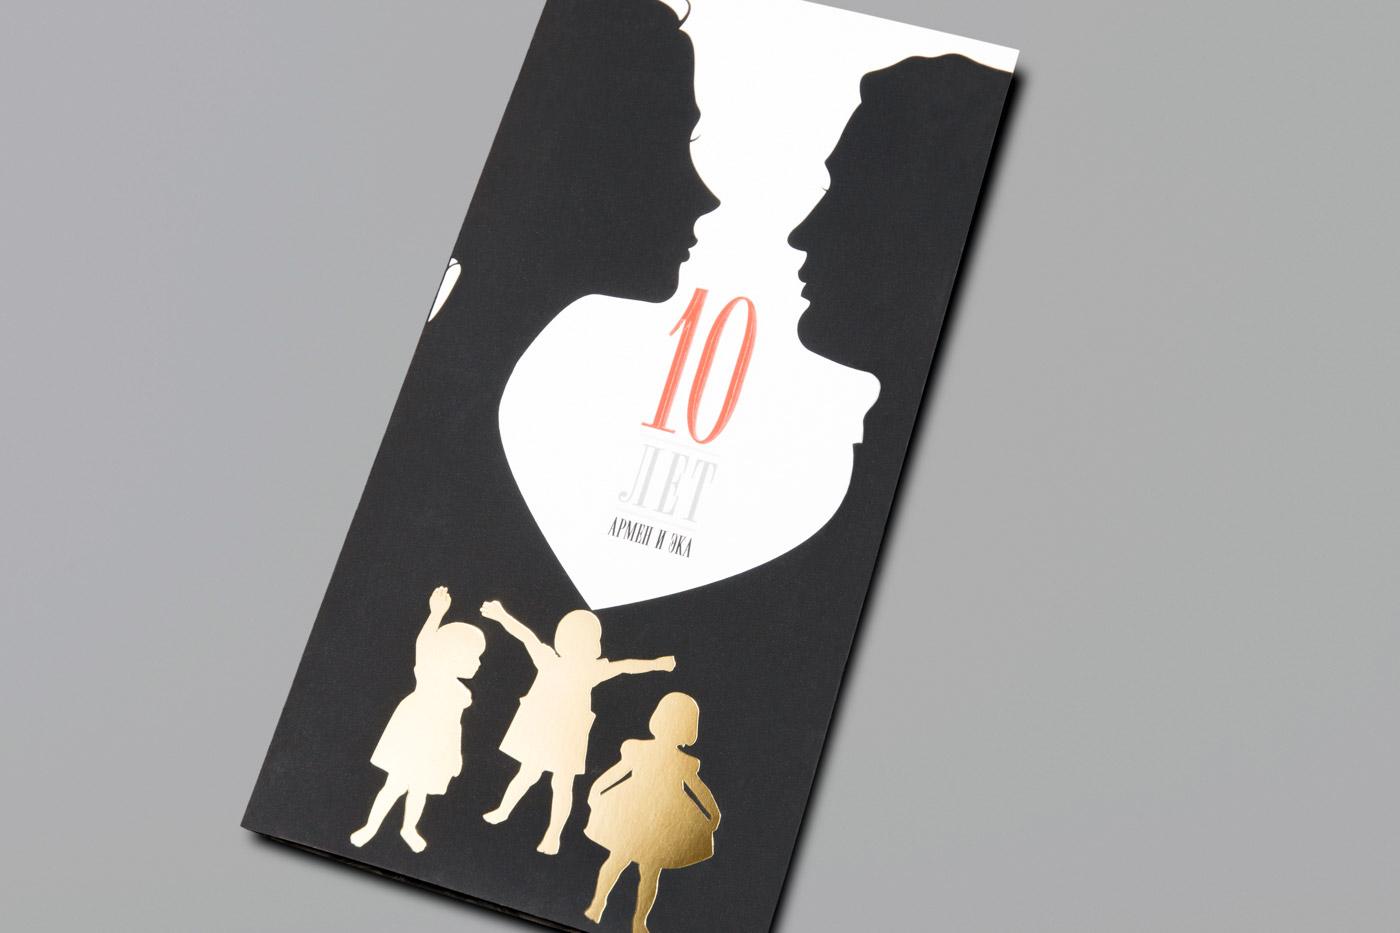 после приглашения на юбилей свадьбы 10 лет зря еще свадьбе